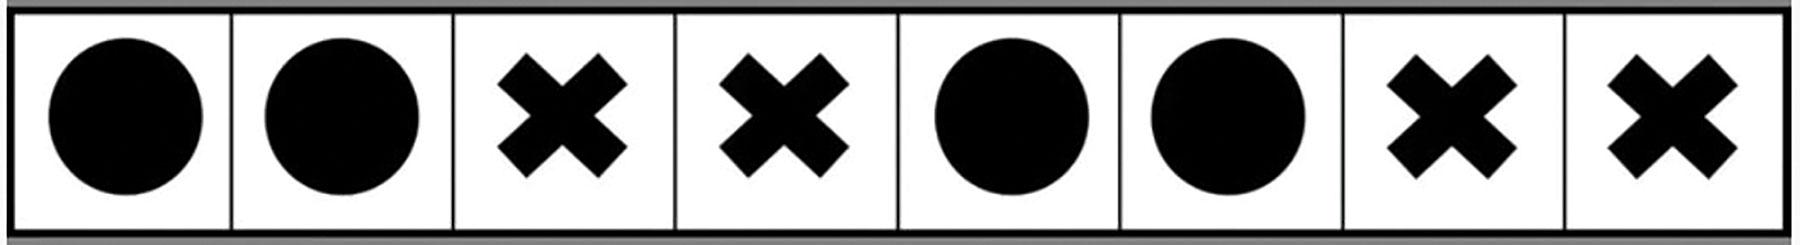 Meespeelpartituur afbeelding drumritme 4